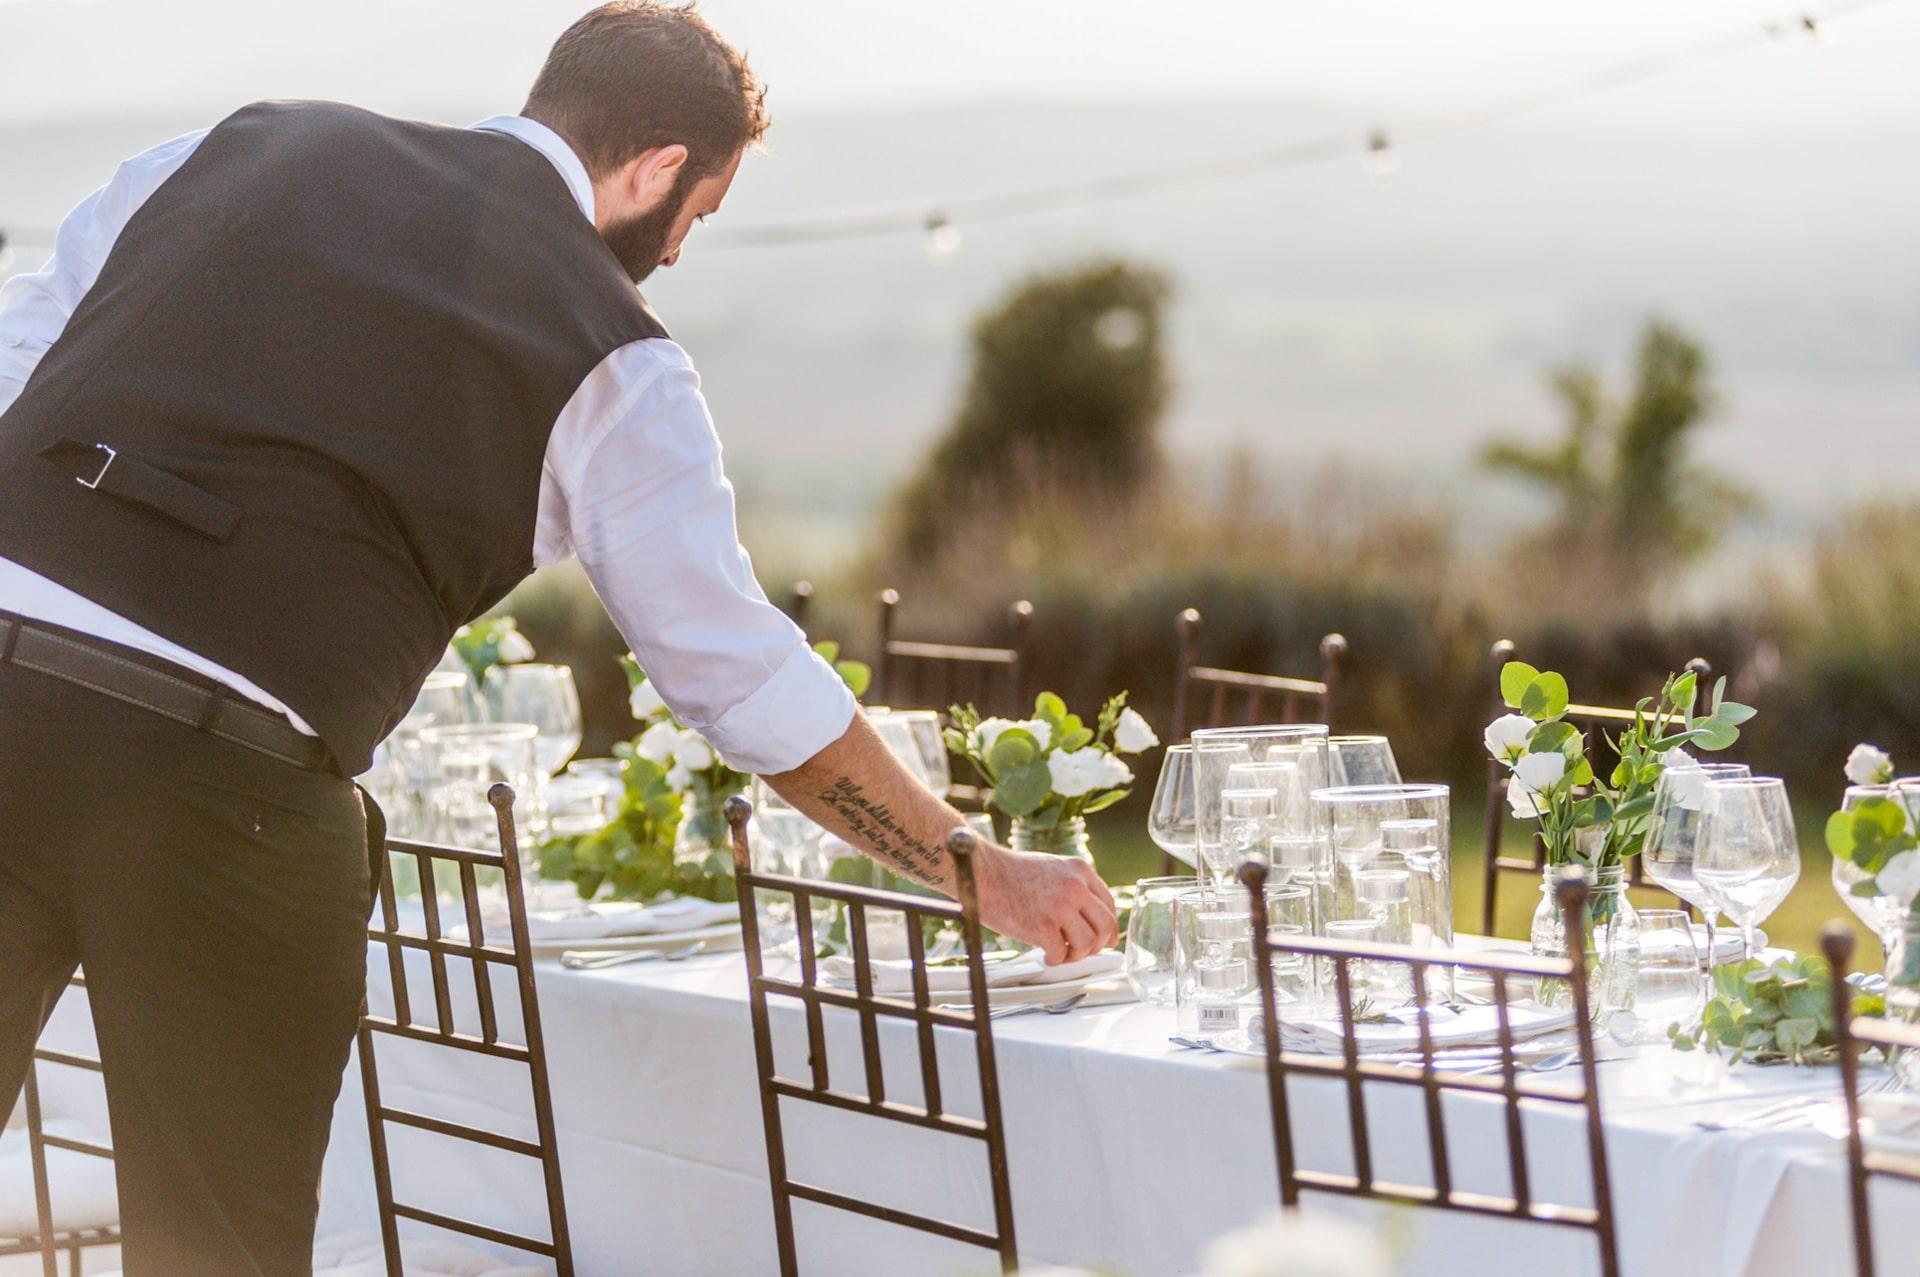 Vilma Wedding & Event Planner _ vestuvės _ Toskana _ Vilma Rapšaitė _ vestuvių organizatorė koordinatorė _ aptarnavimas _ tiekimas į stalą